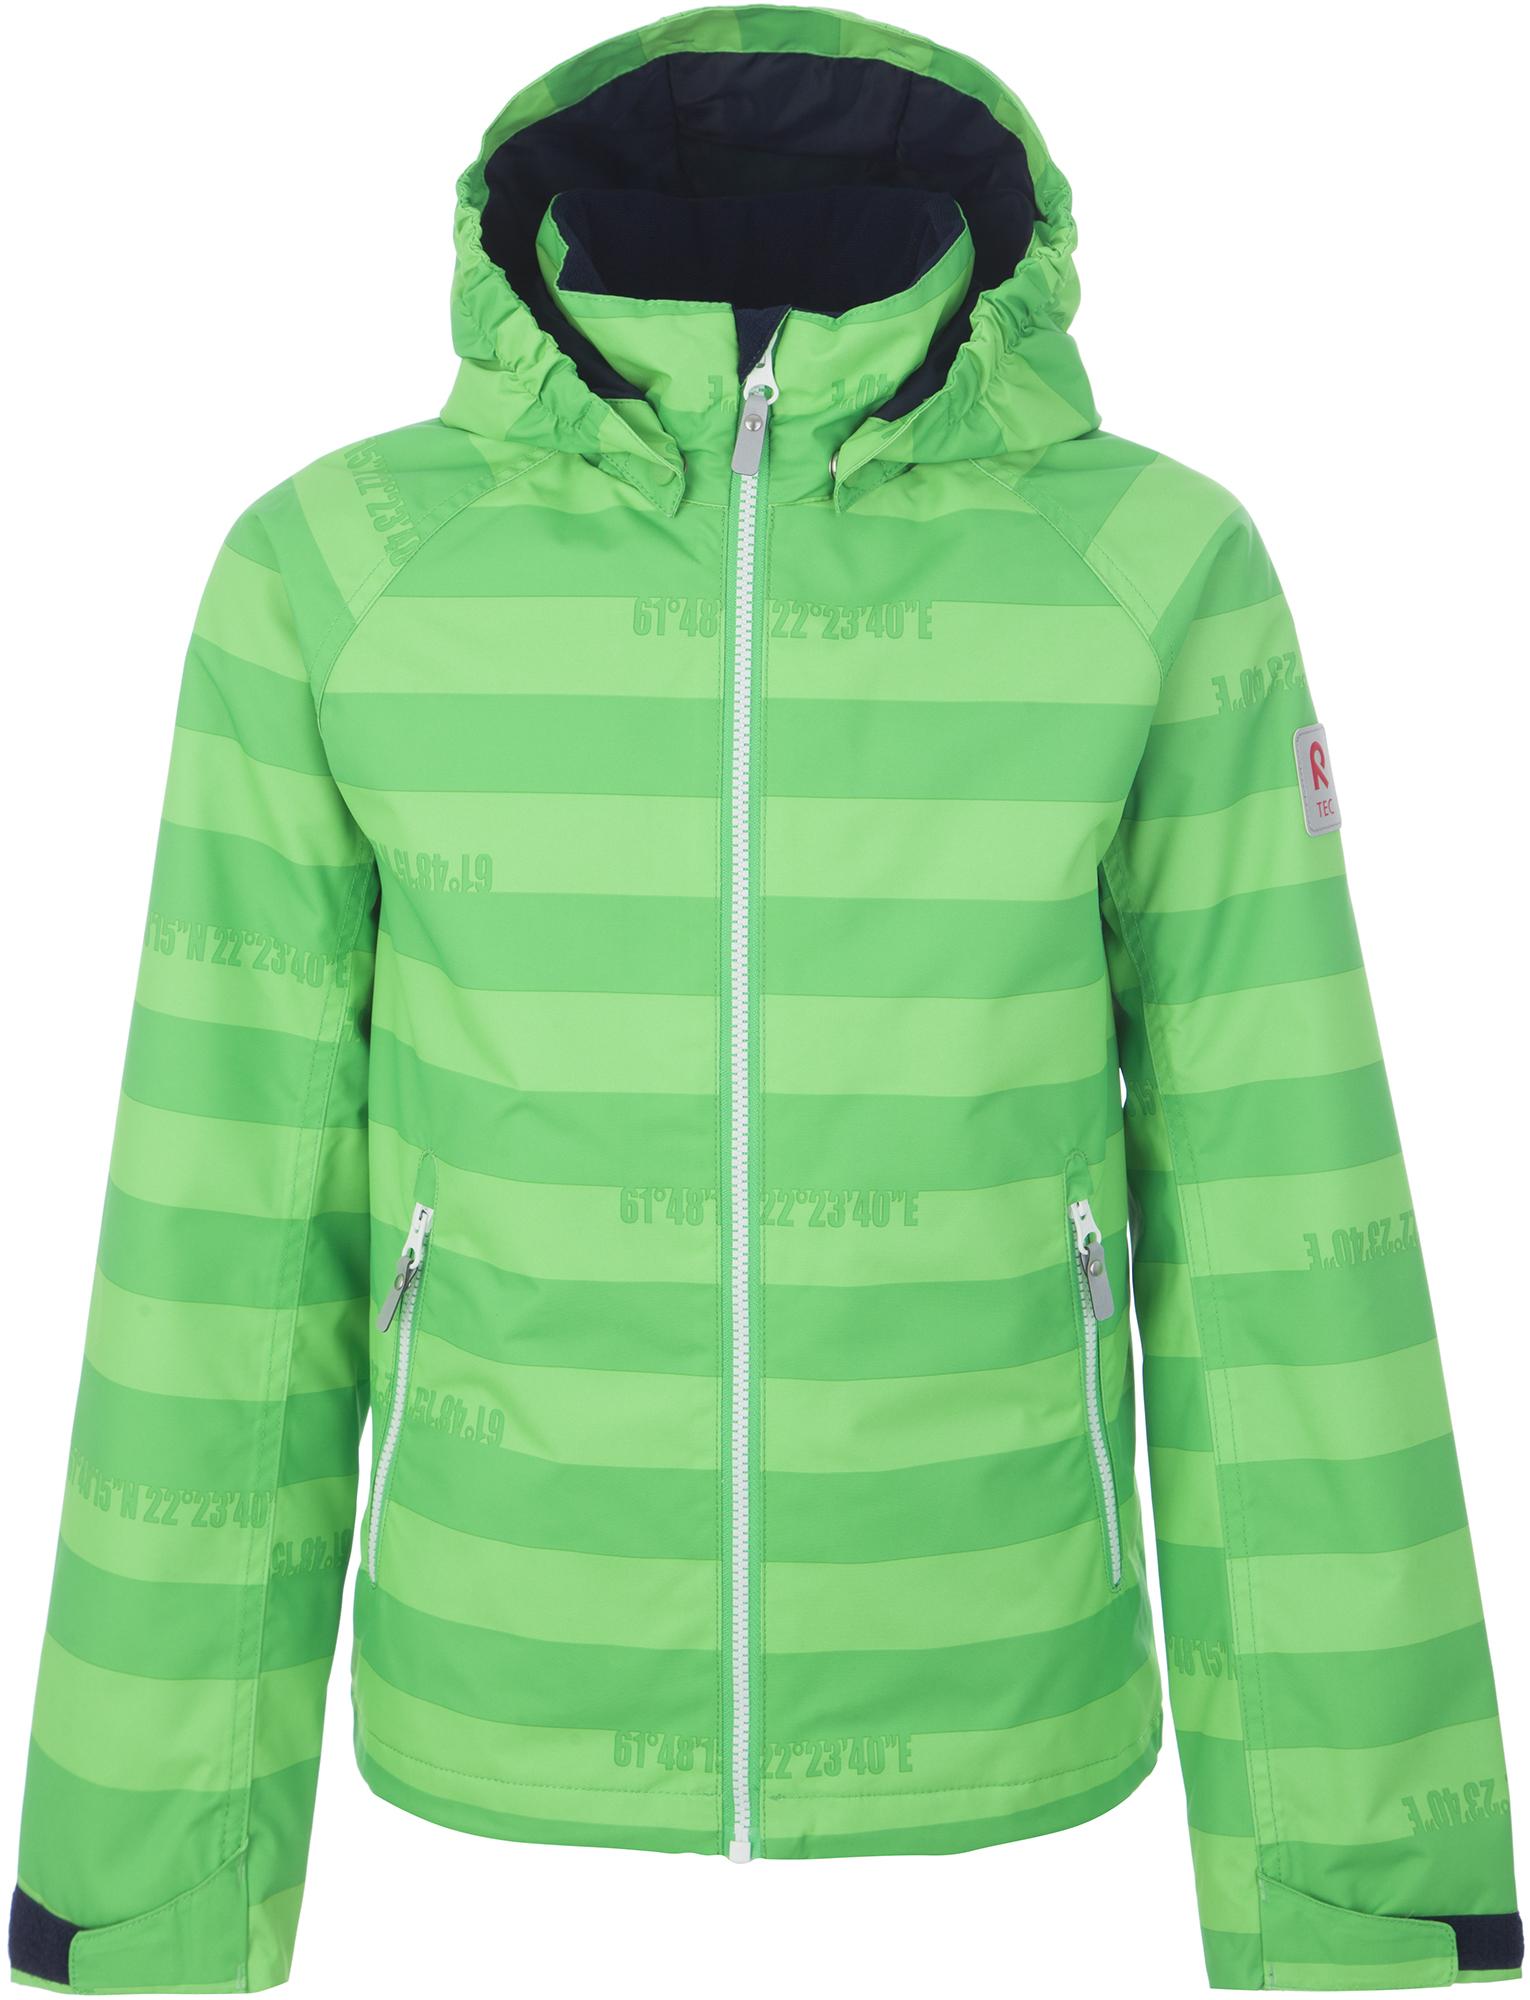 Reima Куртка утепленная для мальчиков Reima Schiff, размер 122